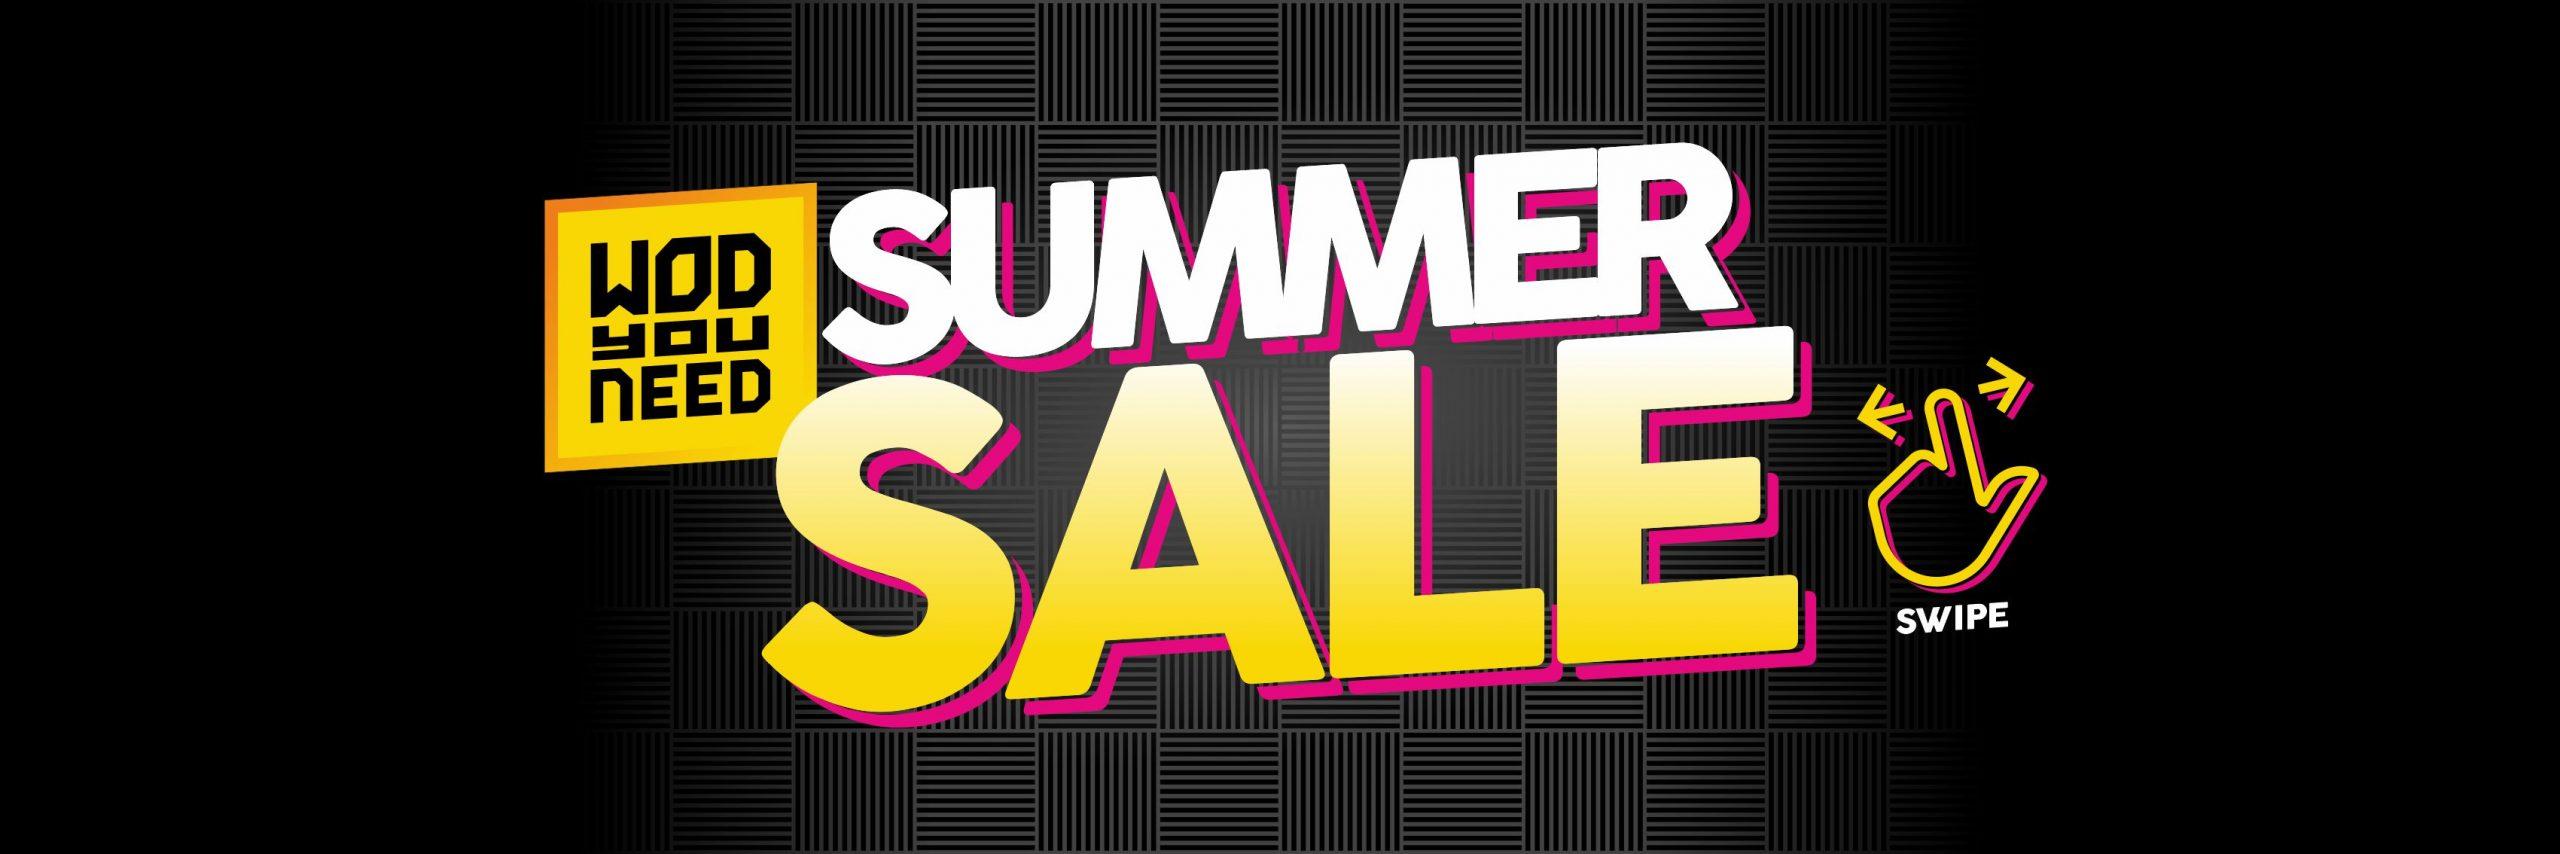 wyn-summer-sale2020